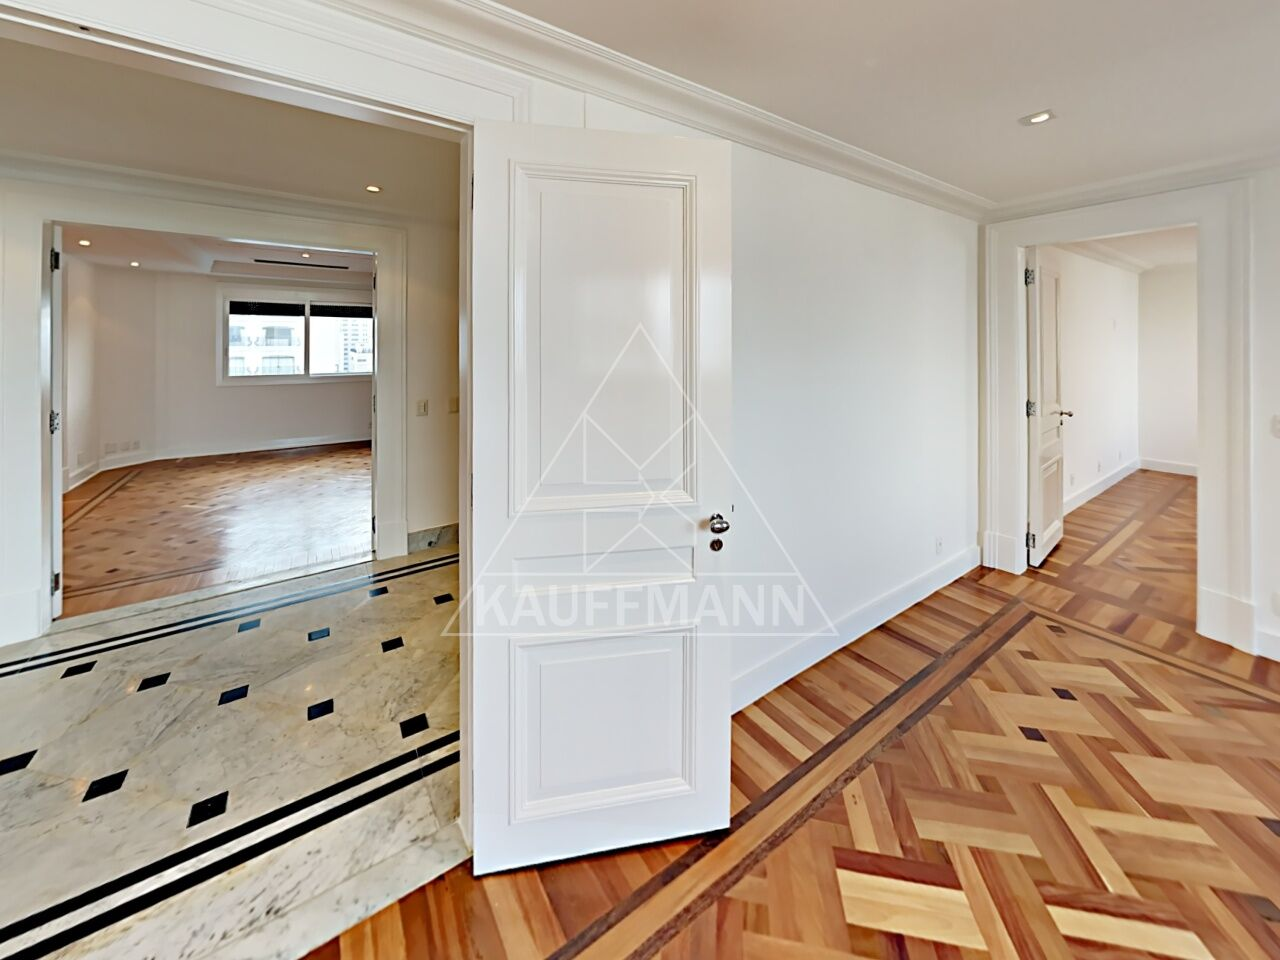 apartamento-venda-sao-paulo-jardim-america-regency-6dormitorios-6suites-7vagas-1099m2-Foto9